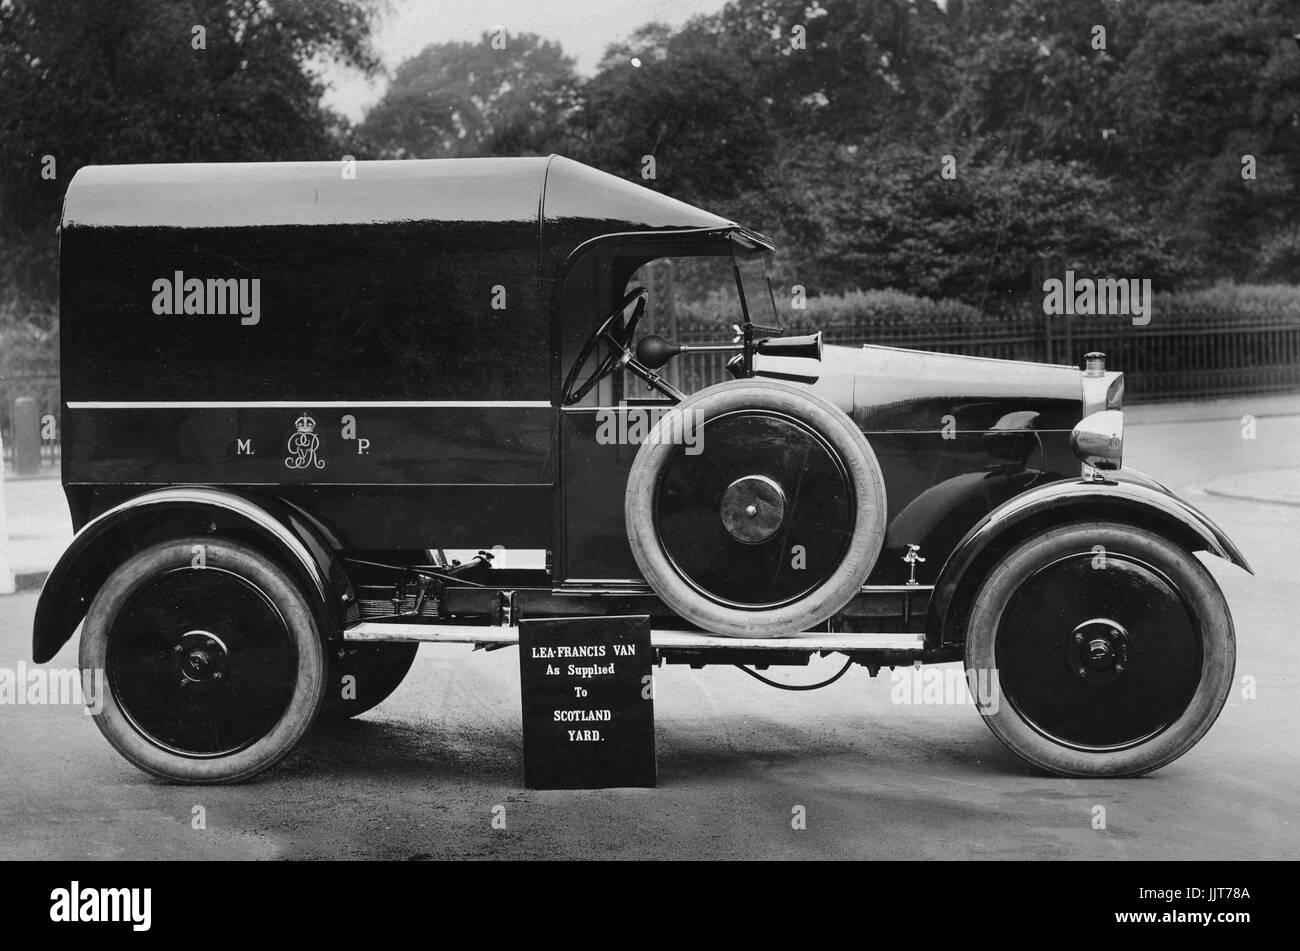 1925 Lea Francis Met Police van - Stock Image